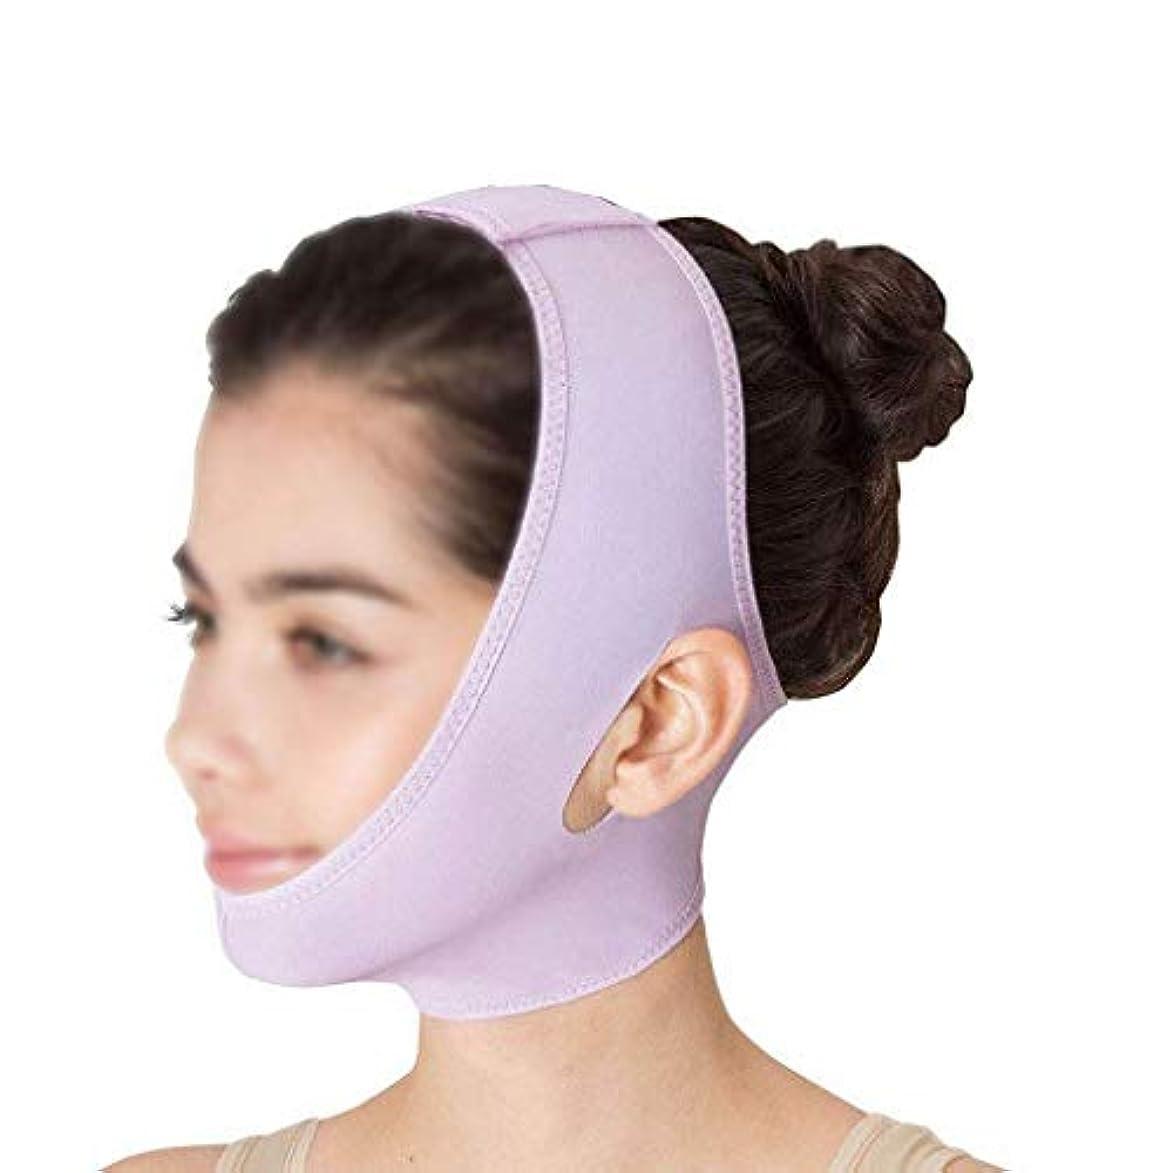 熱心なかけがえのない区別薄いフェイスマスク ビームフェイス、薄いダブルチンでスリーピングマスクの下の頬を防ぎ、小さなVフェイスを作成